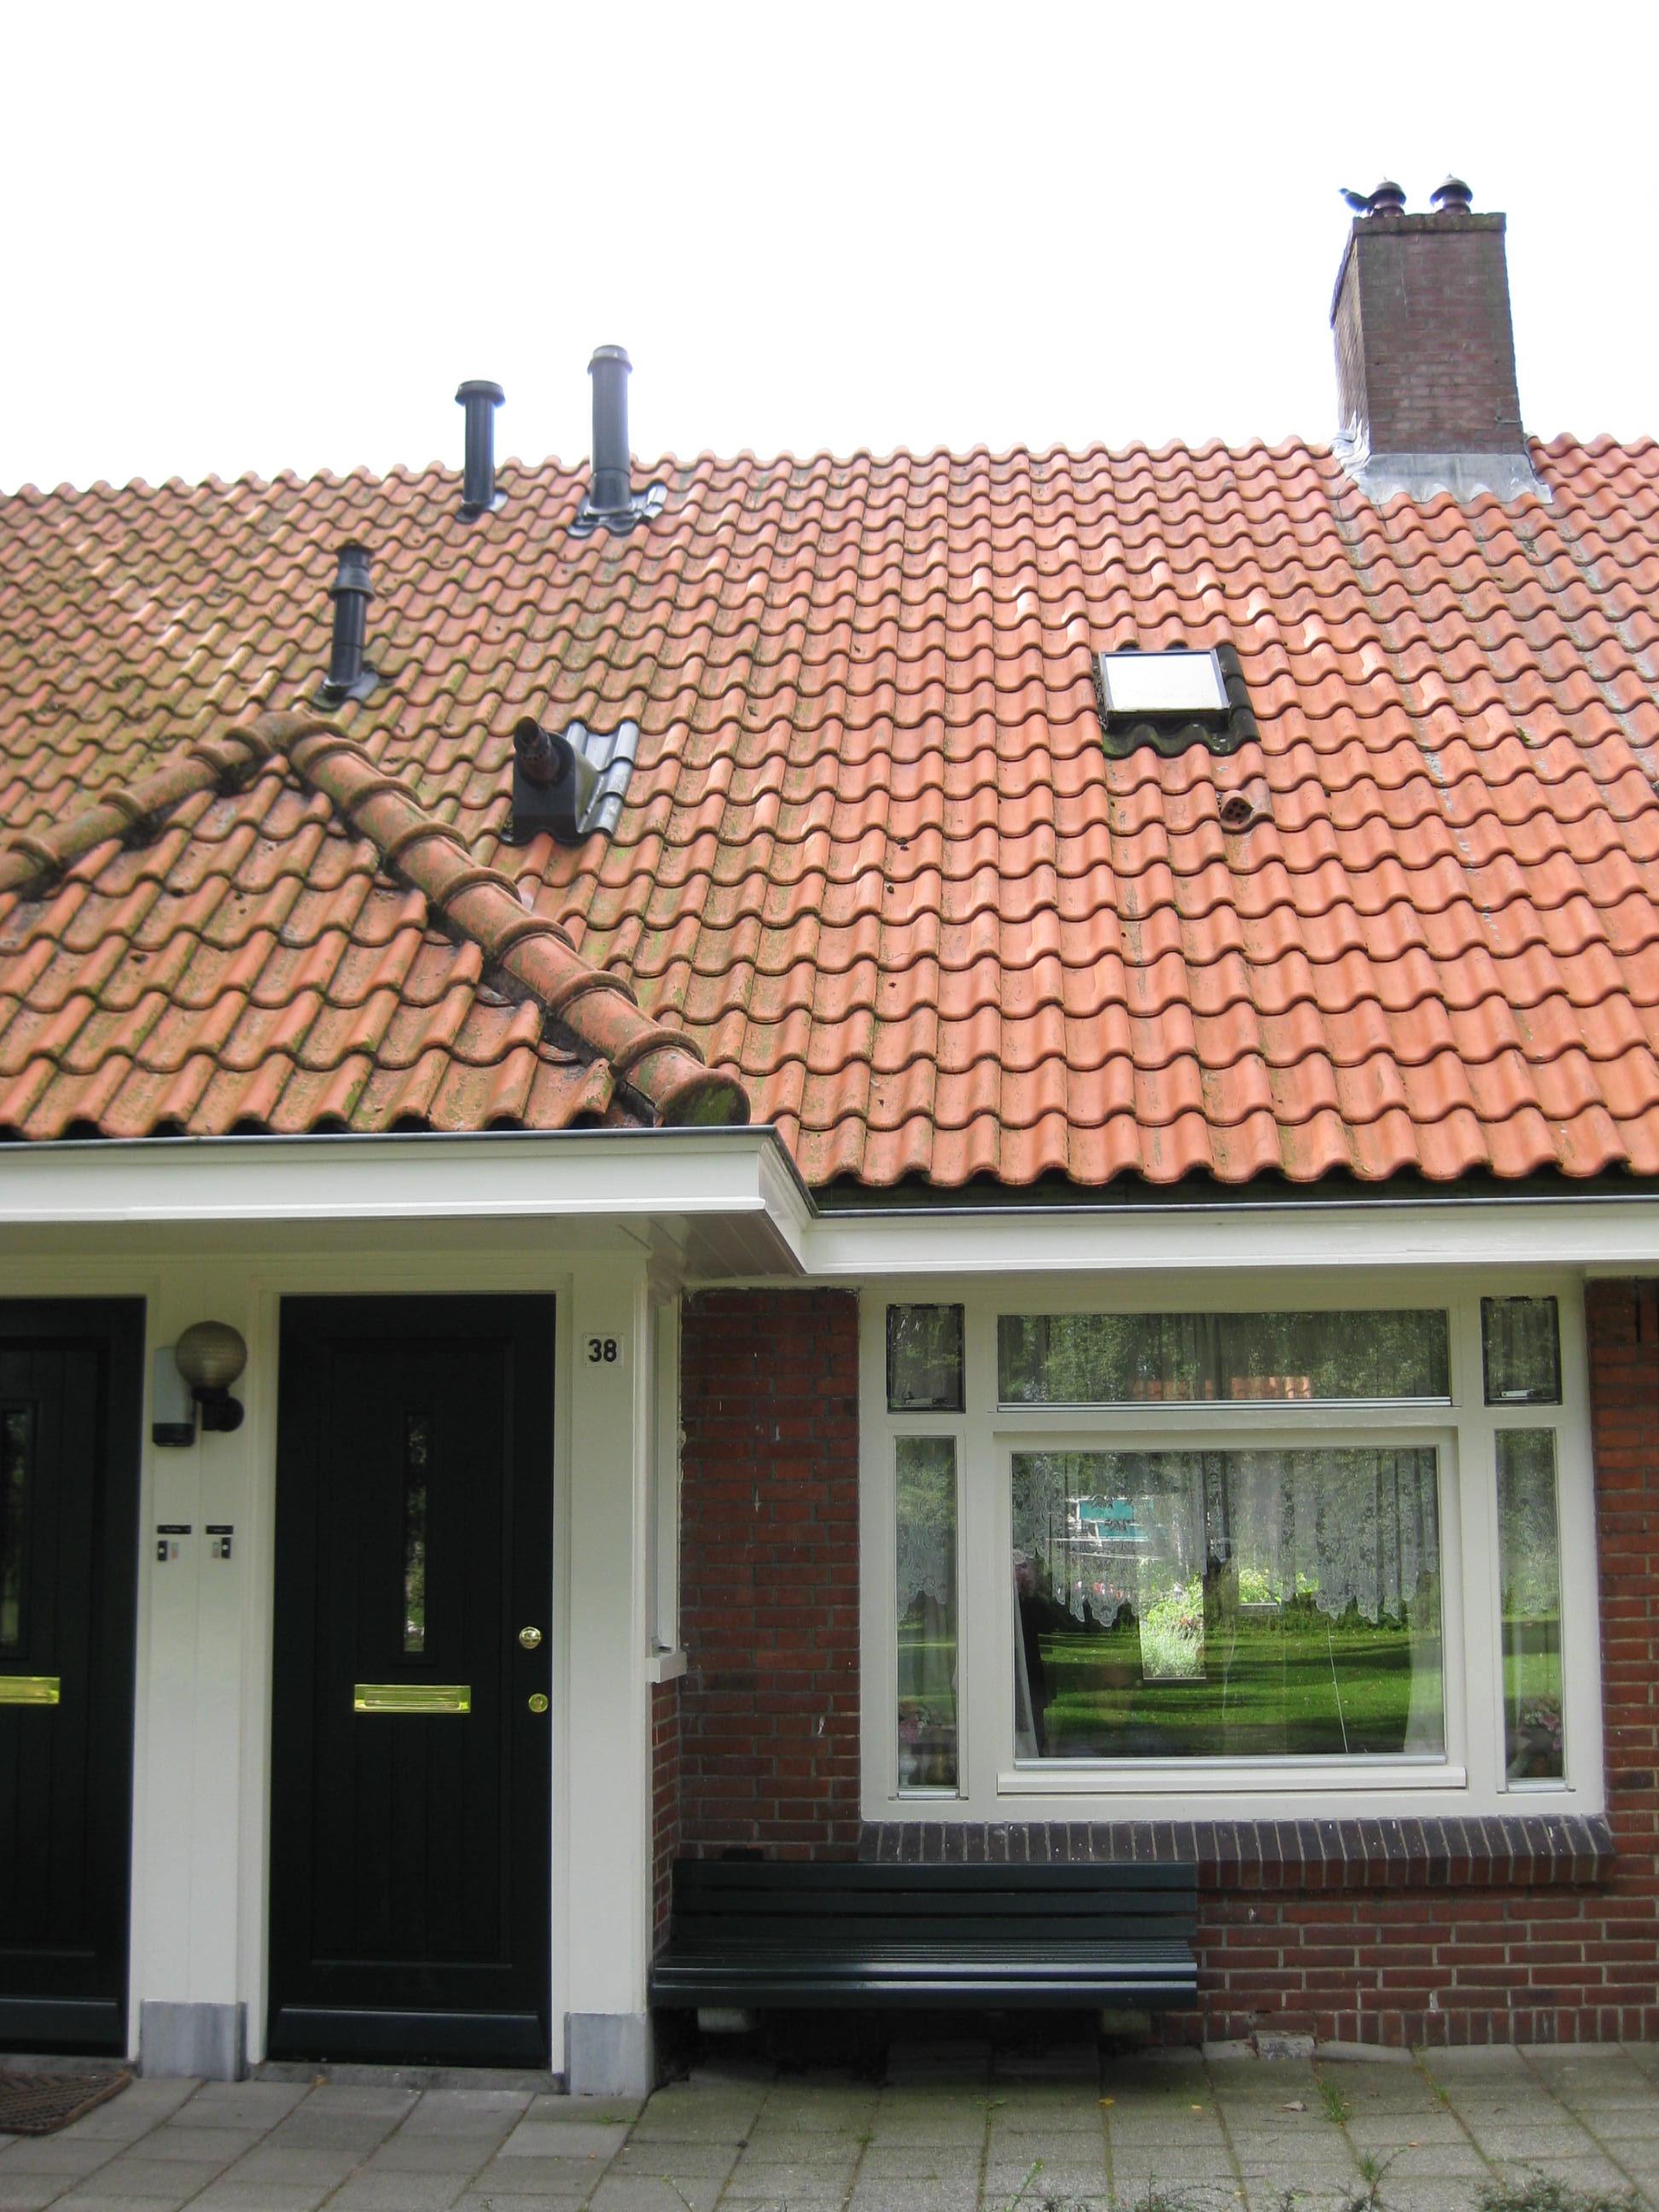 schoorsteen pijp aan zijkant huis